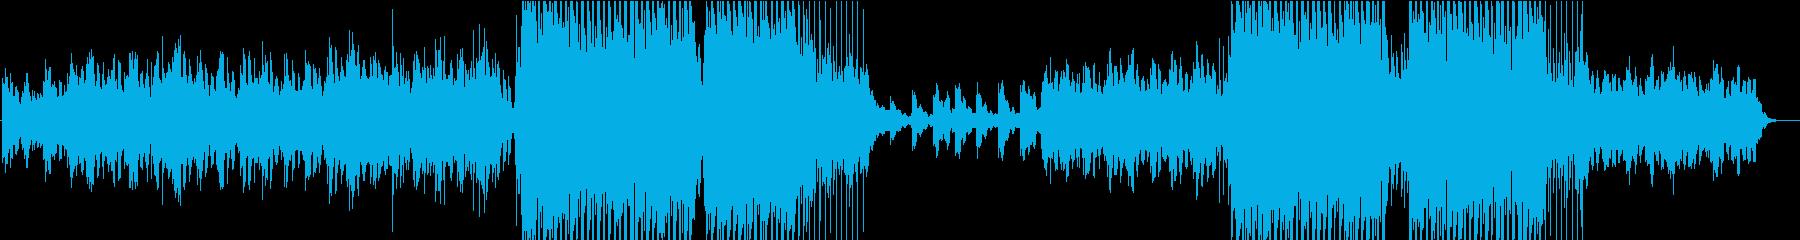 南国リゾ~ト!海外趣向トロピカルハウス②の再生済みの波形